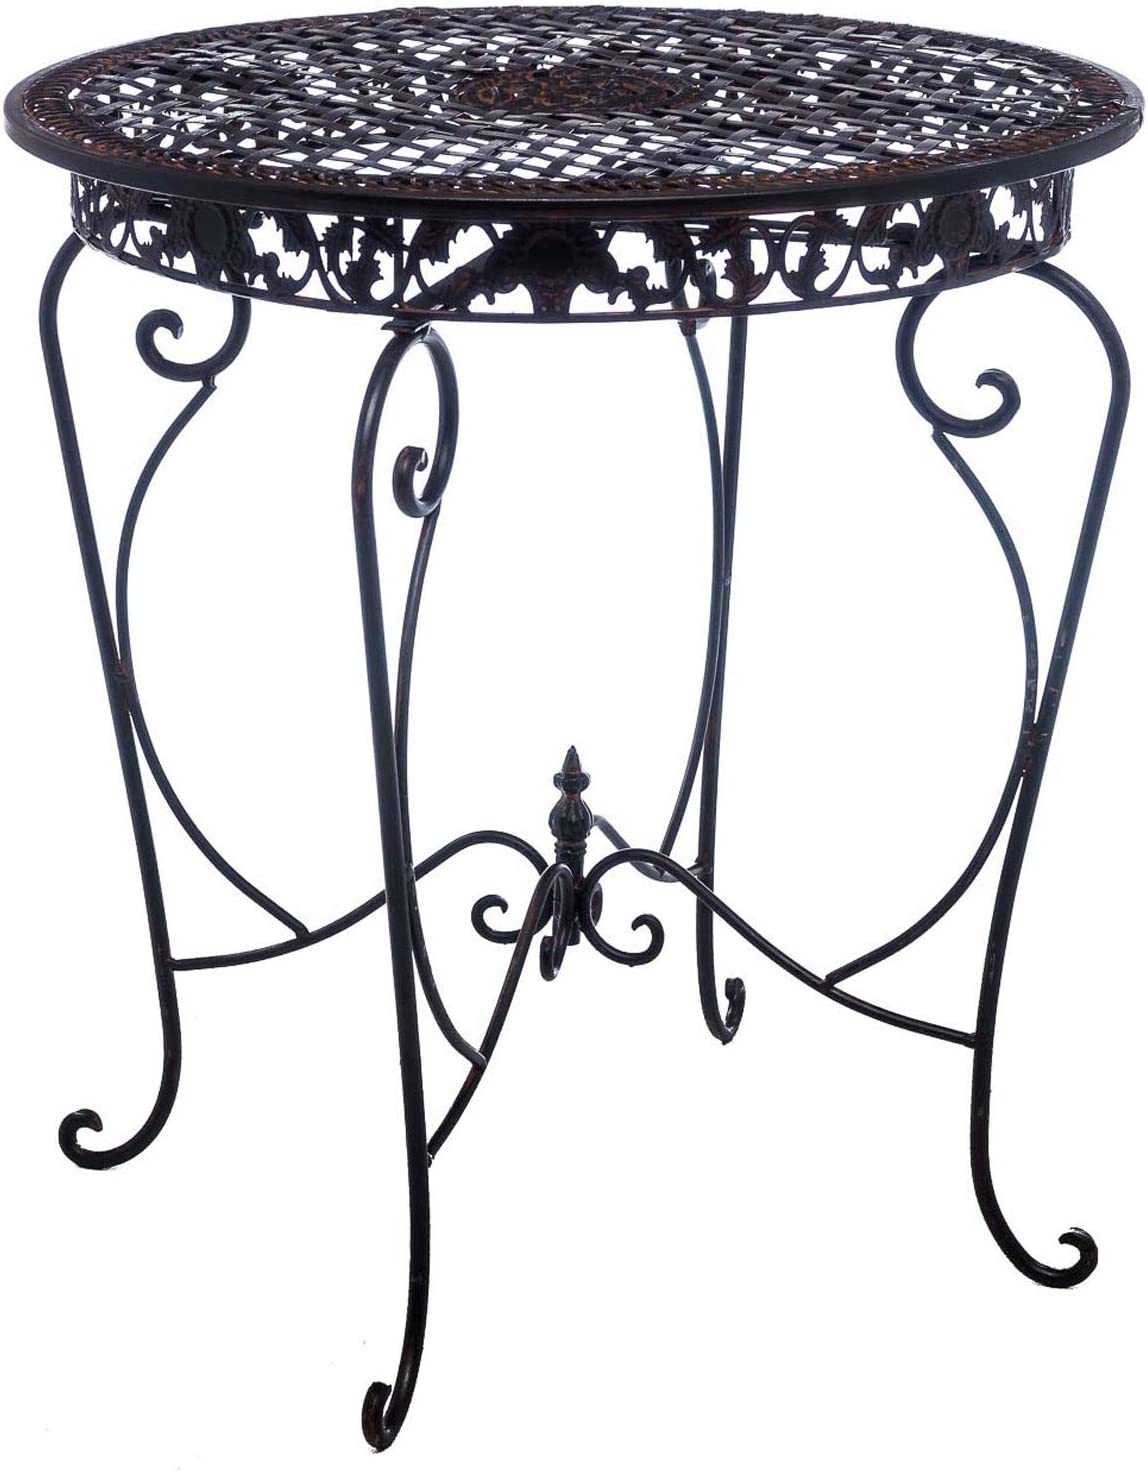 Mesa de jardín Mesa de jardín Mesa de Bar Hierro Antiguo Estilo de Muebles de: Amazon.es: Jardín